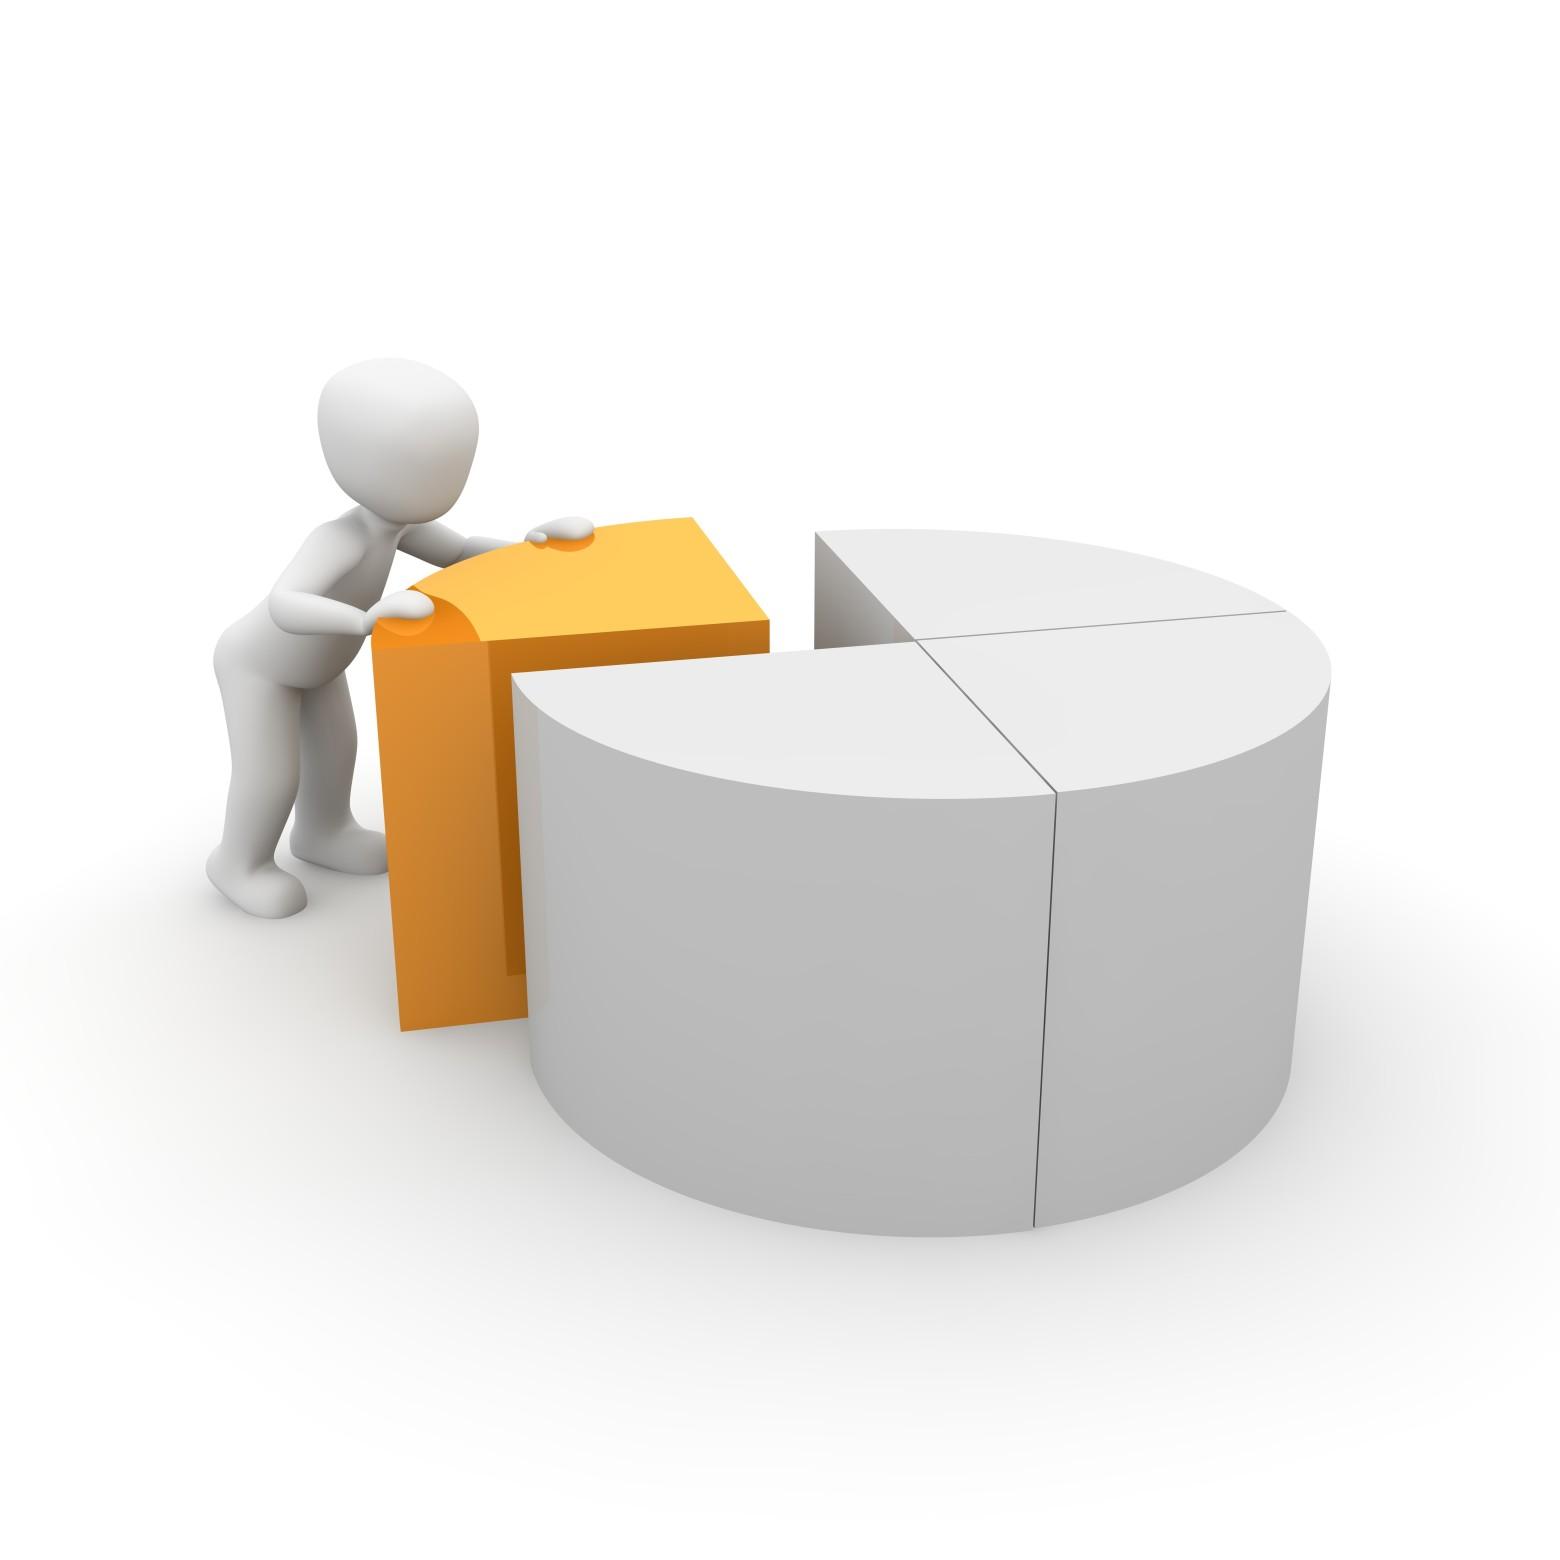 bonhomme blanc 3d symbole graphique images gratuites